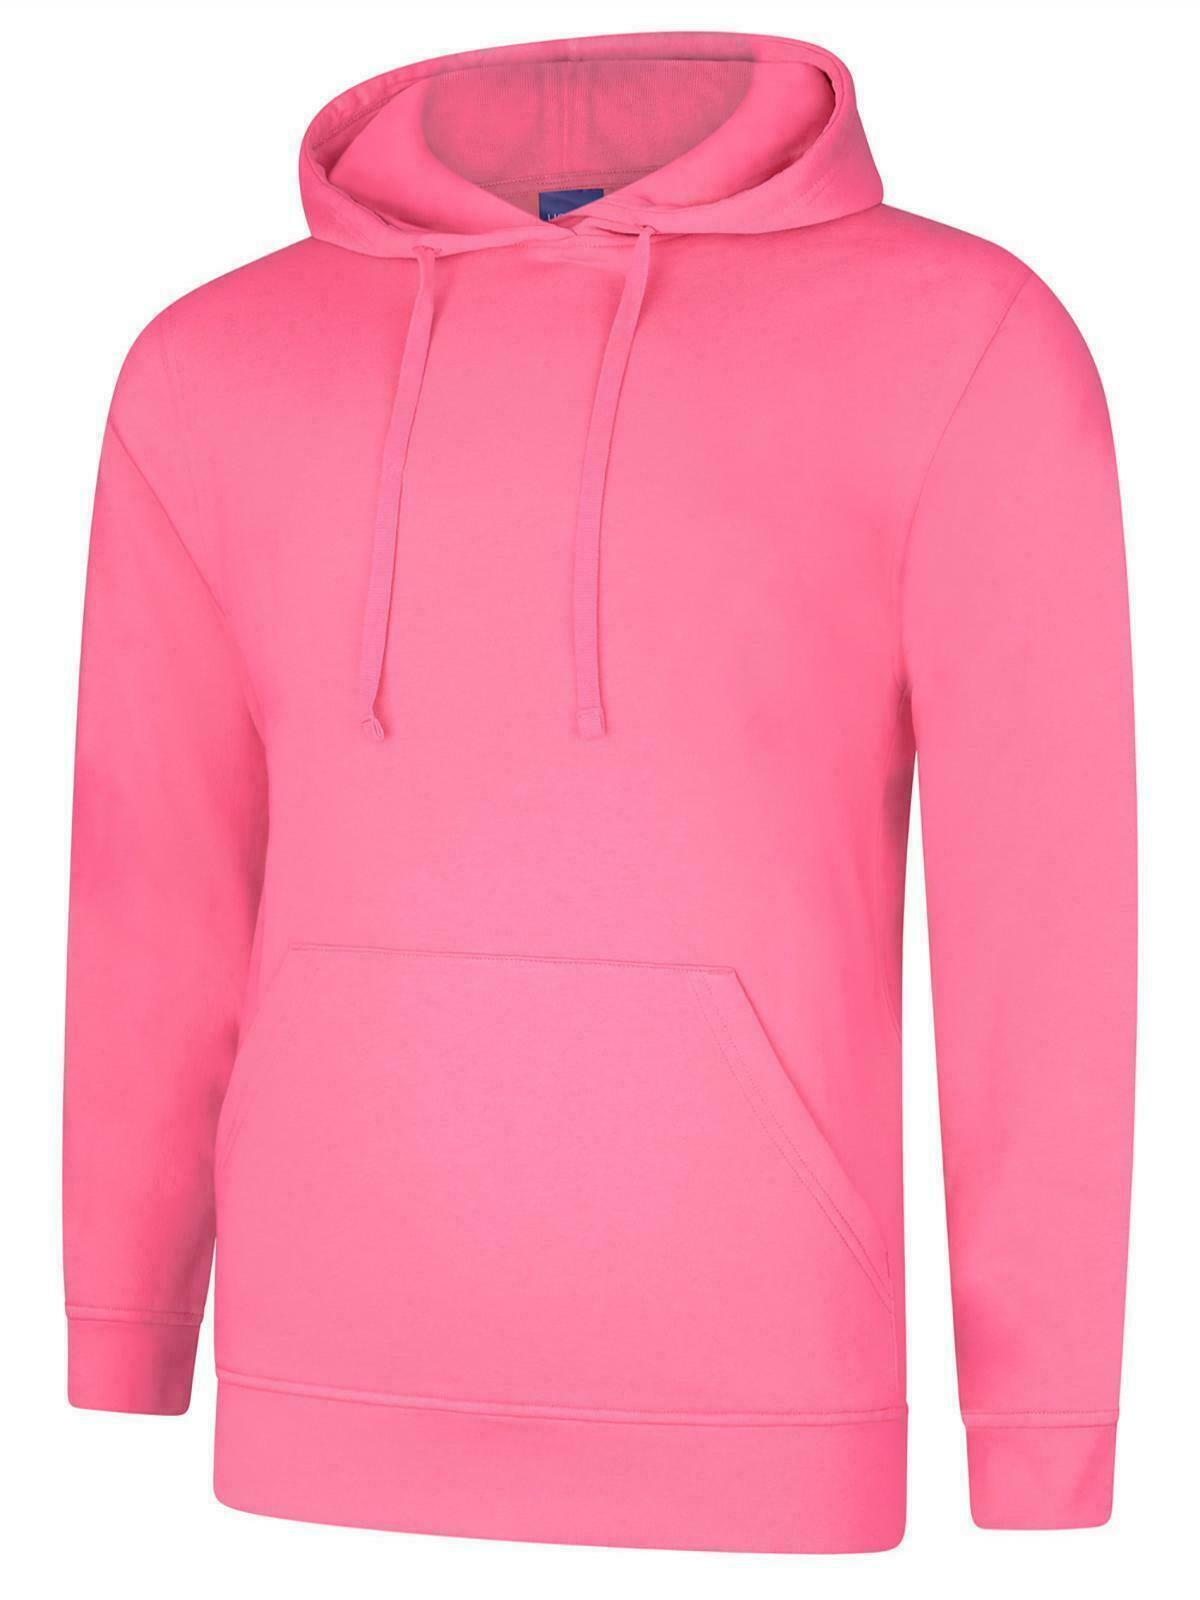 Sweatshirt Hoodie SISTER & SISTER für Schwestern, Freundinnen etc.